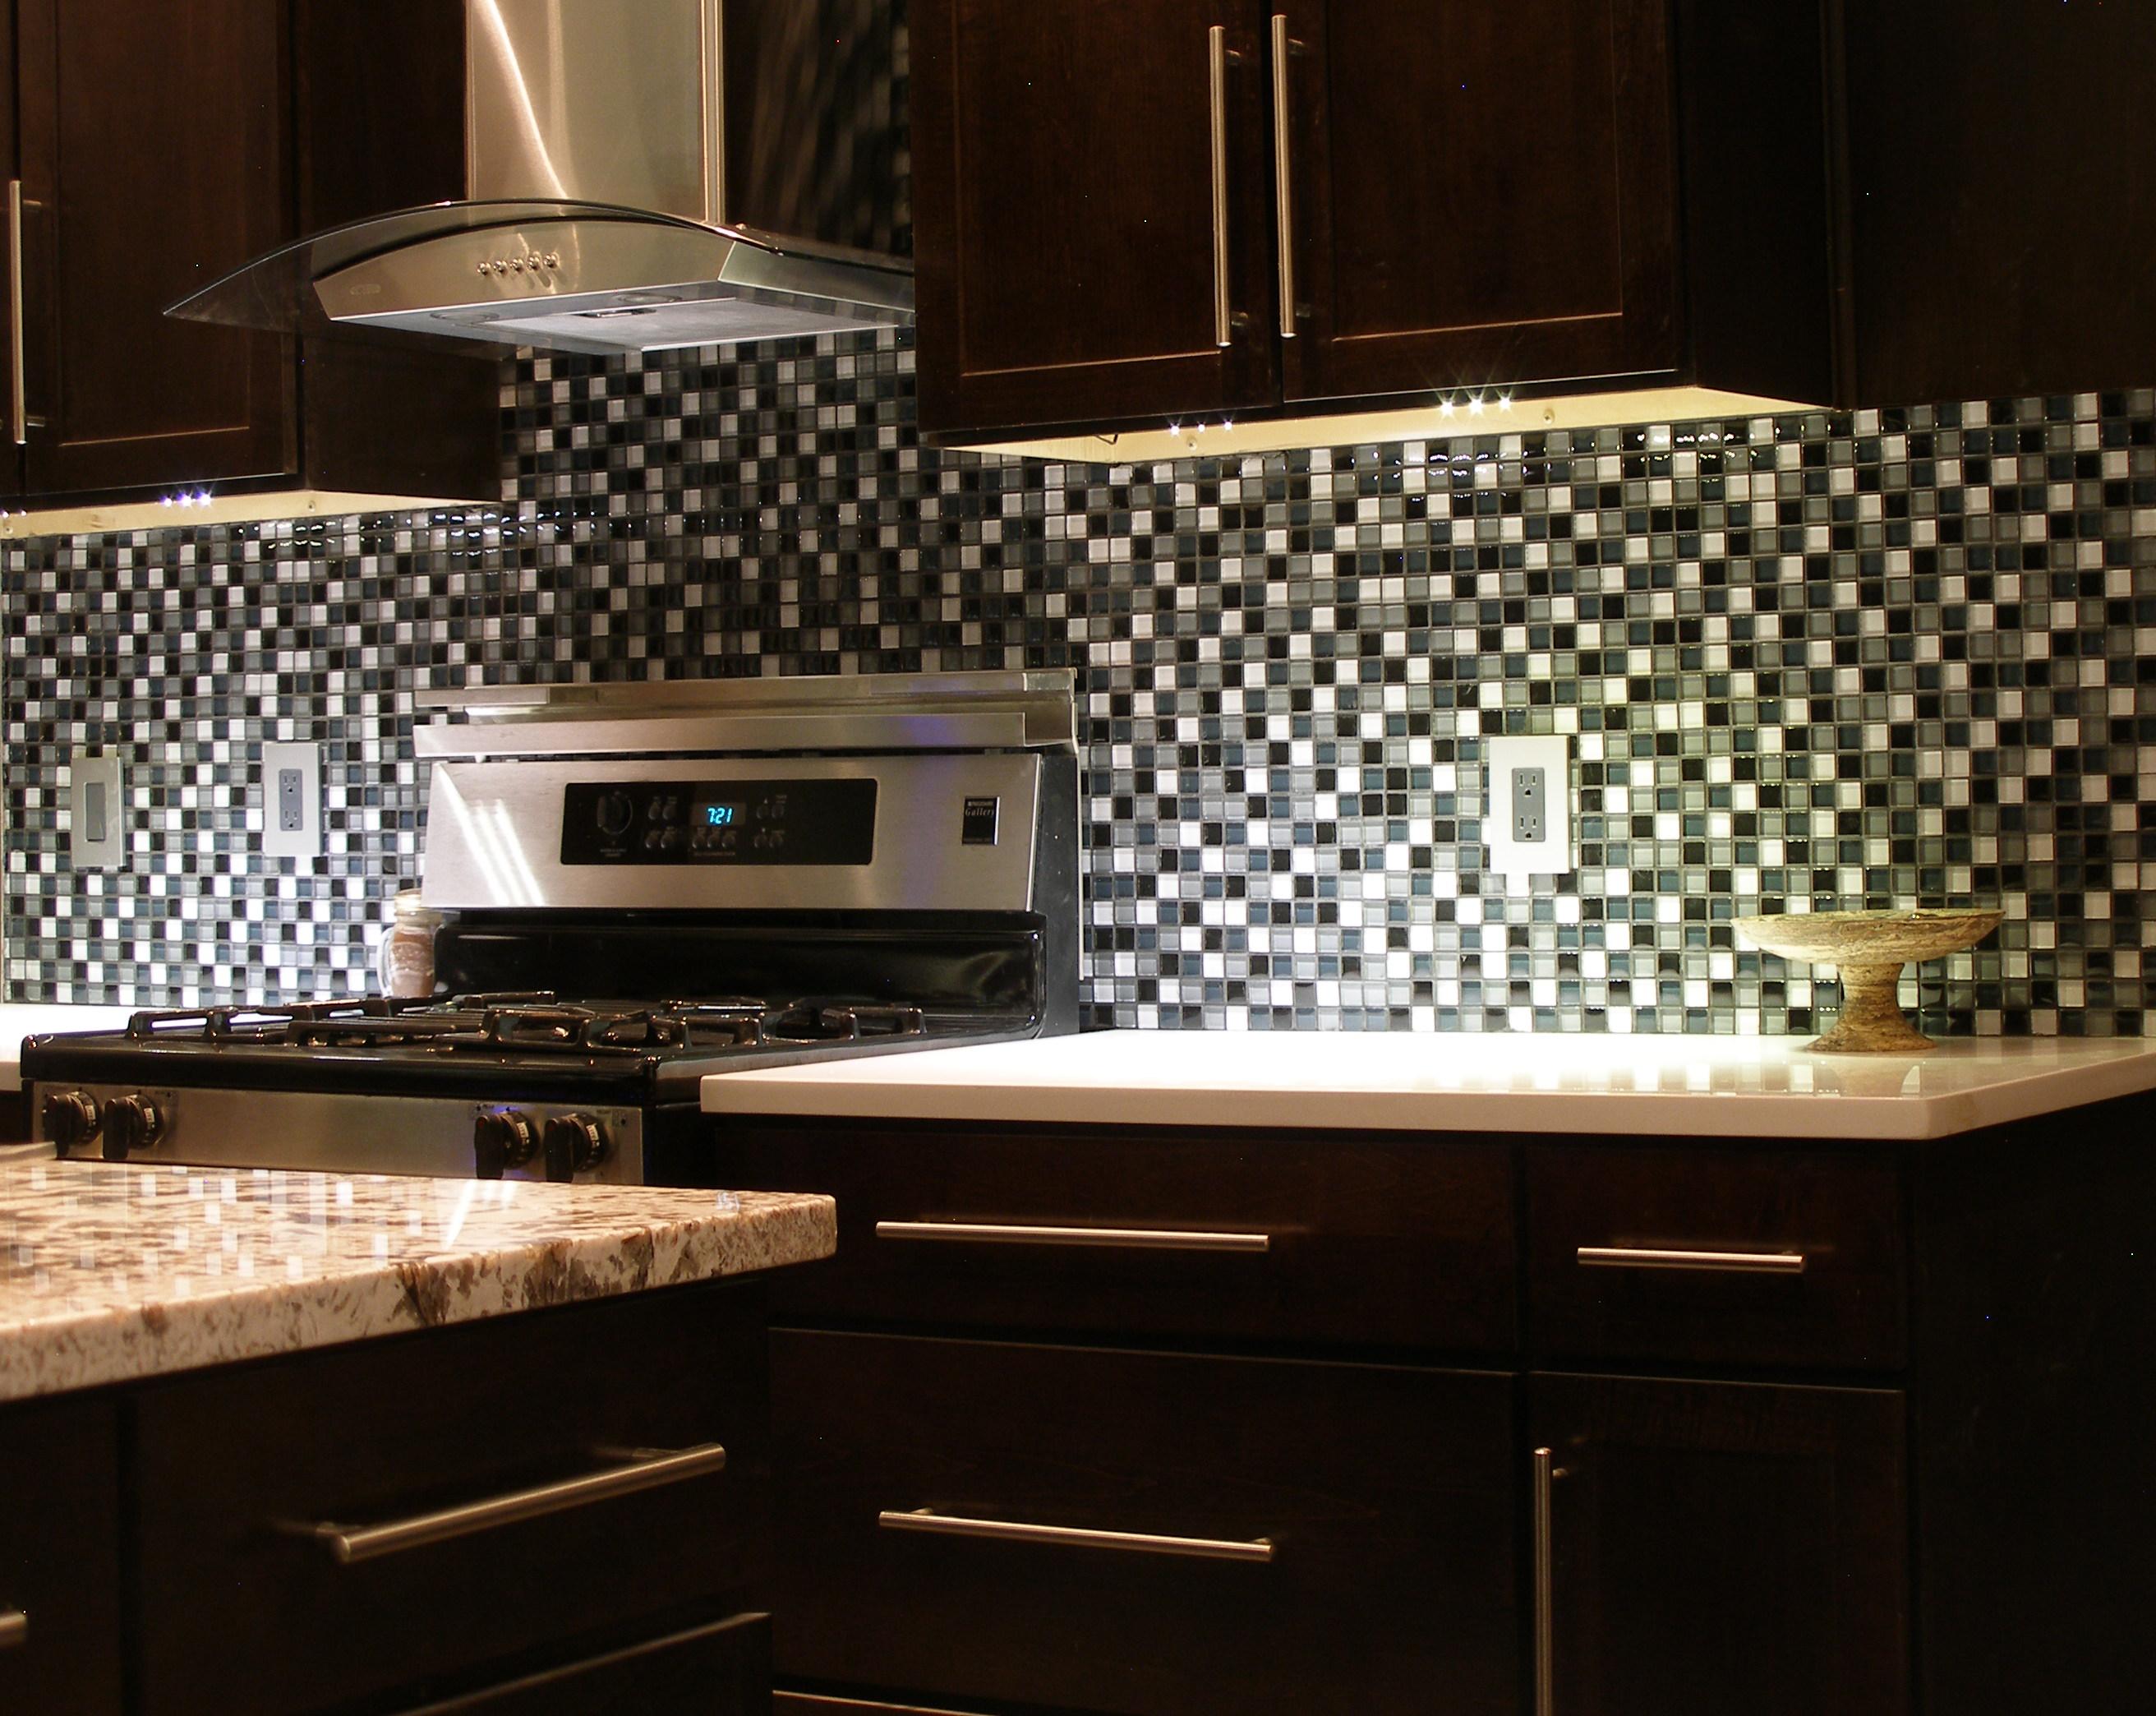 Kitchen Tile Design wonderful wall tiles designs for kitchen tiles design images